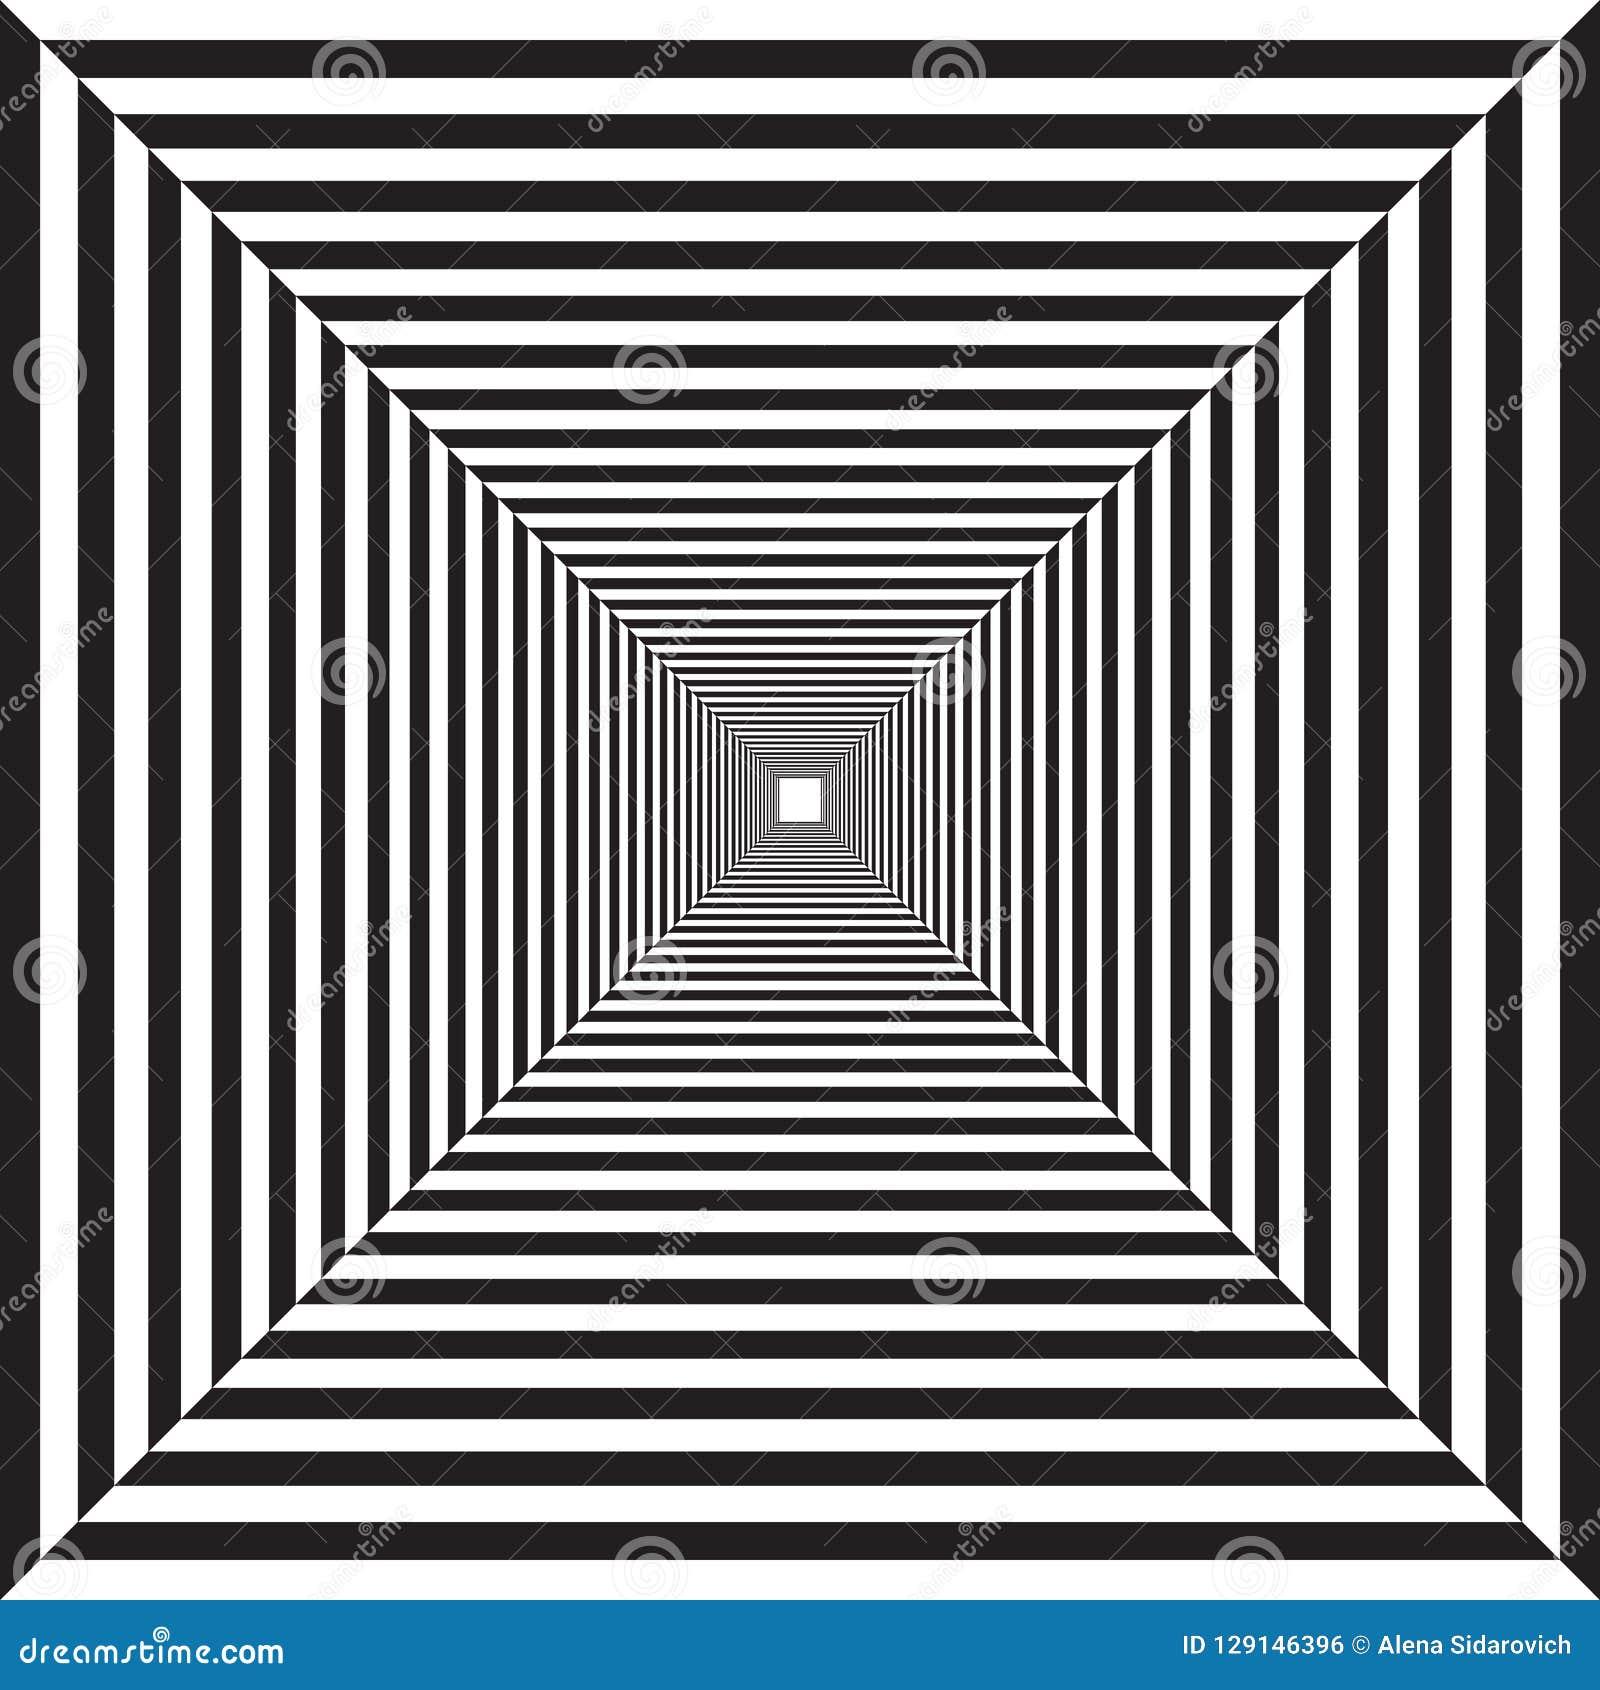 Disegni Geometrici Bianco E Nero tunnel a strisce geometrico, disegno in bianco e nero